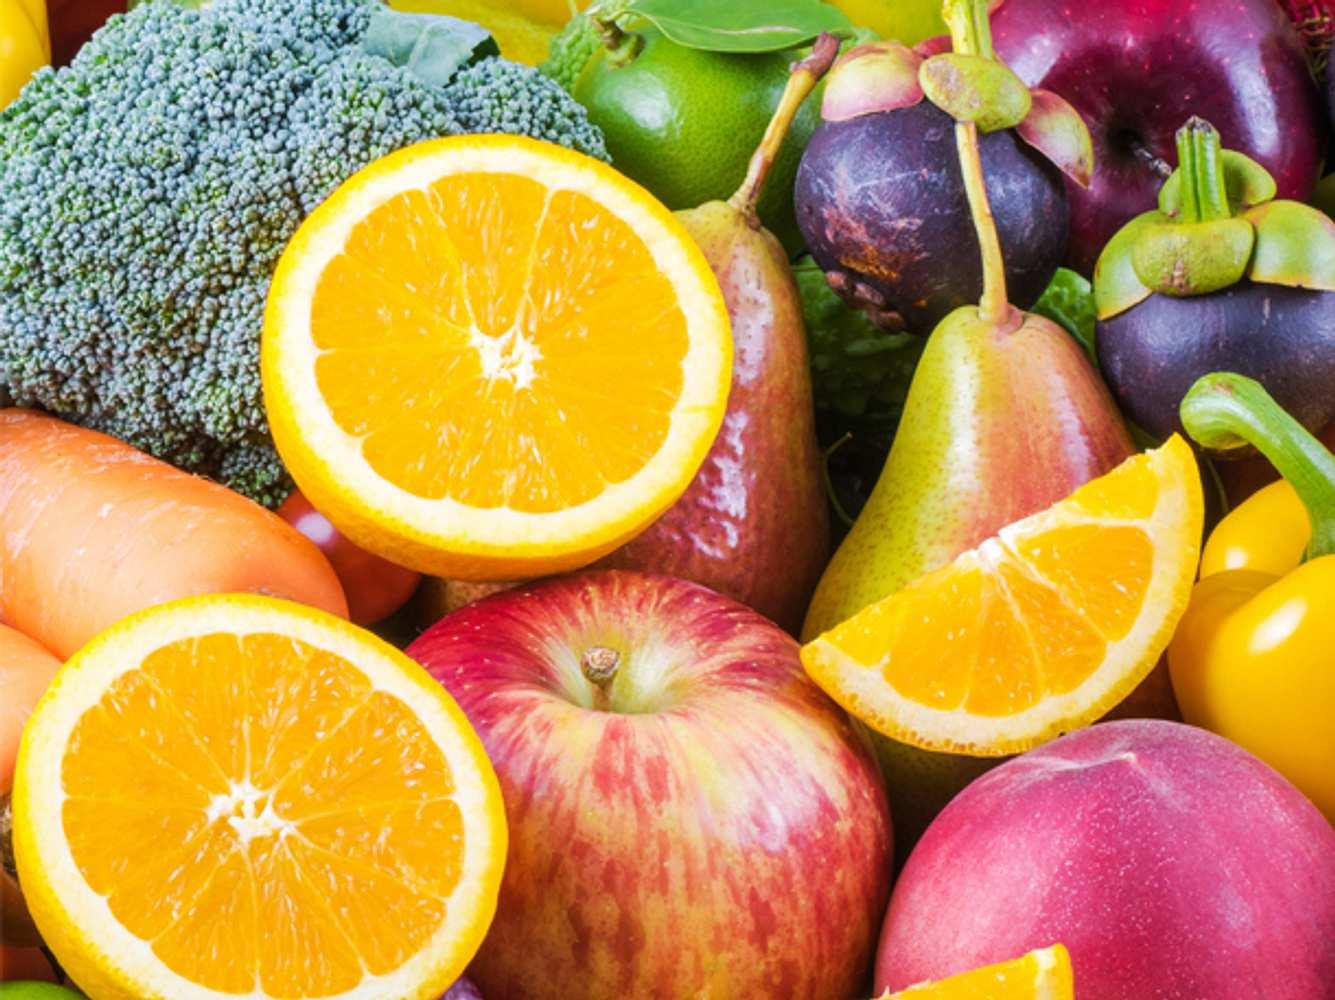 Obst und Gemüse: Bei welchem Discounter gibt es das beste?